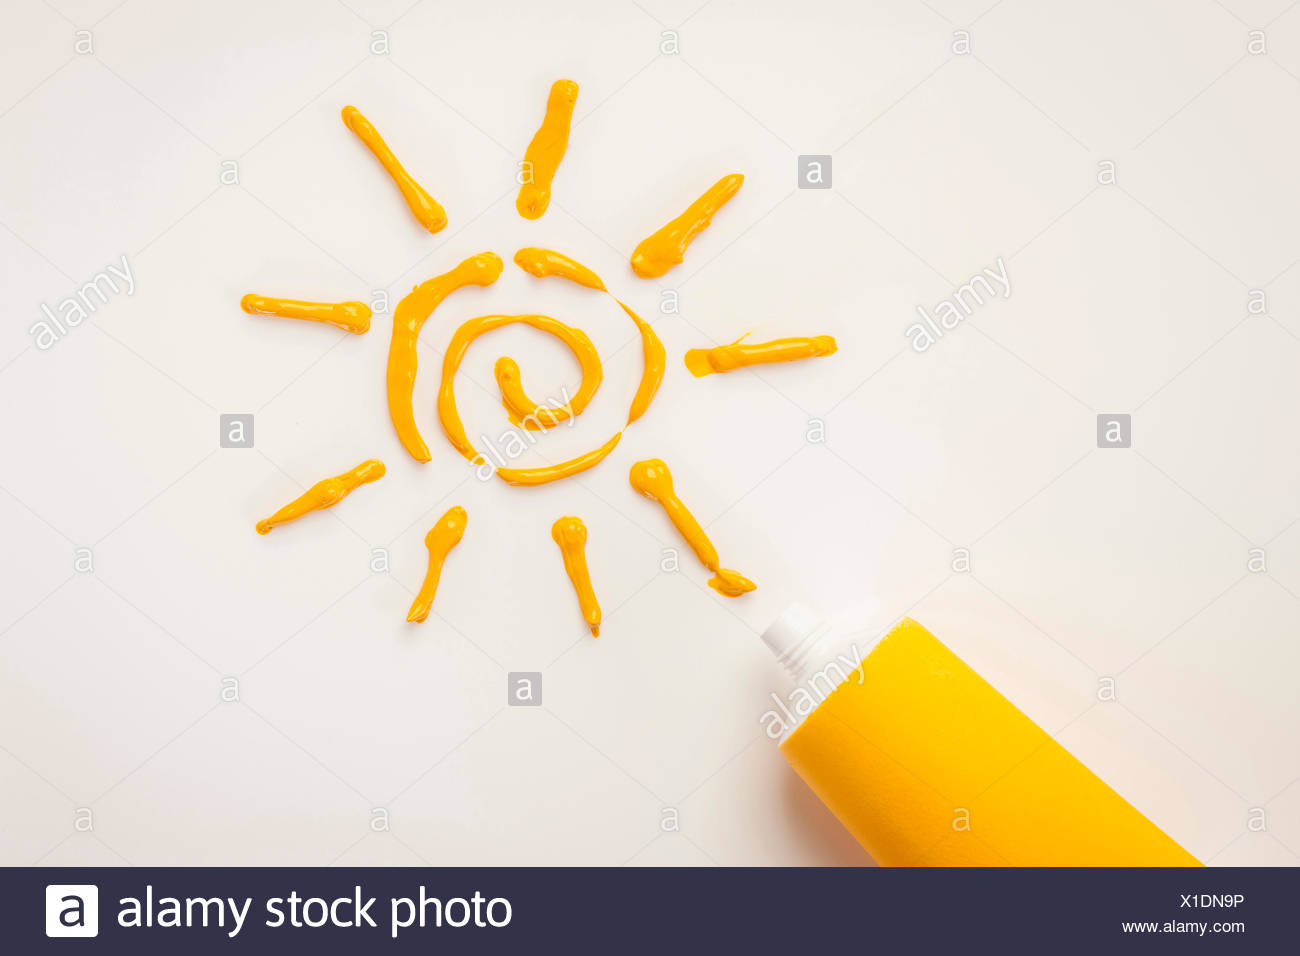 Gelbe Sonne Gelb Aquarell Gegen Weiß Gemacht Stockfoto Bild